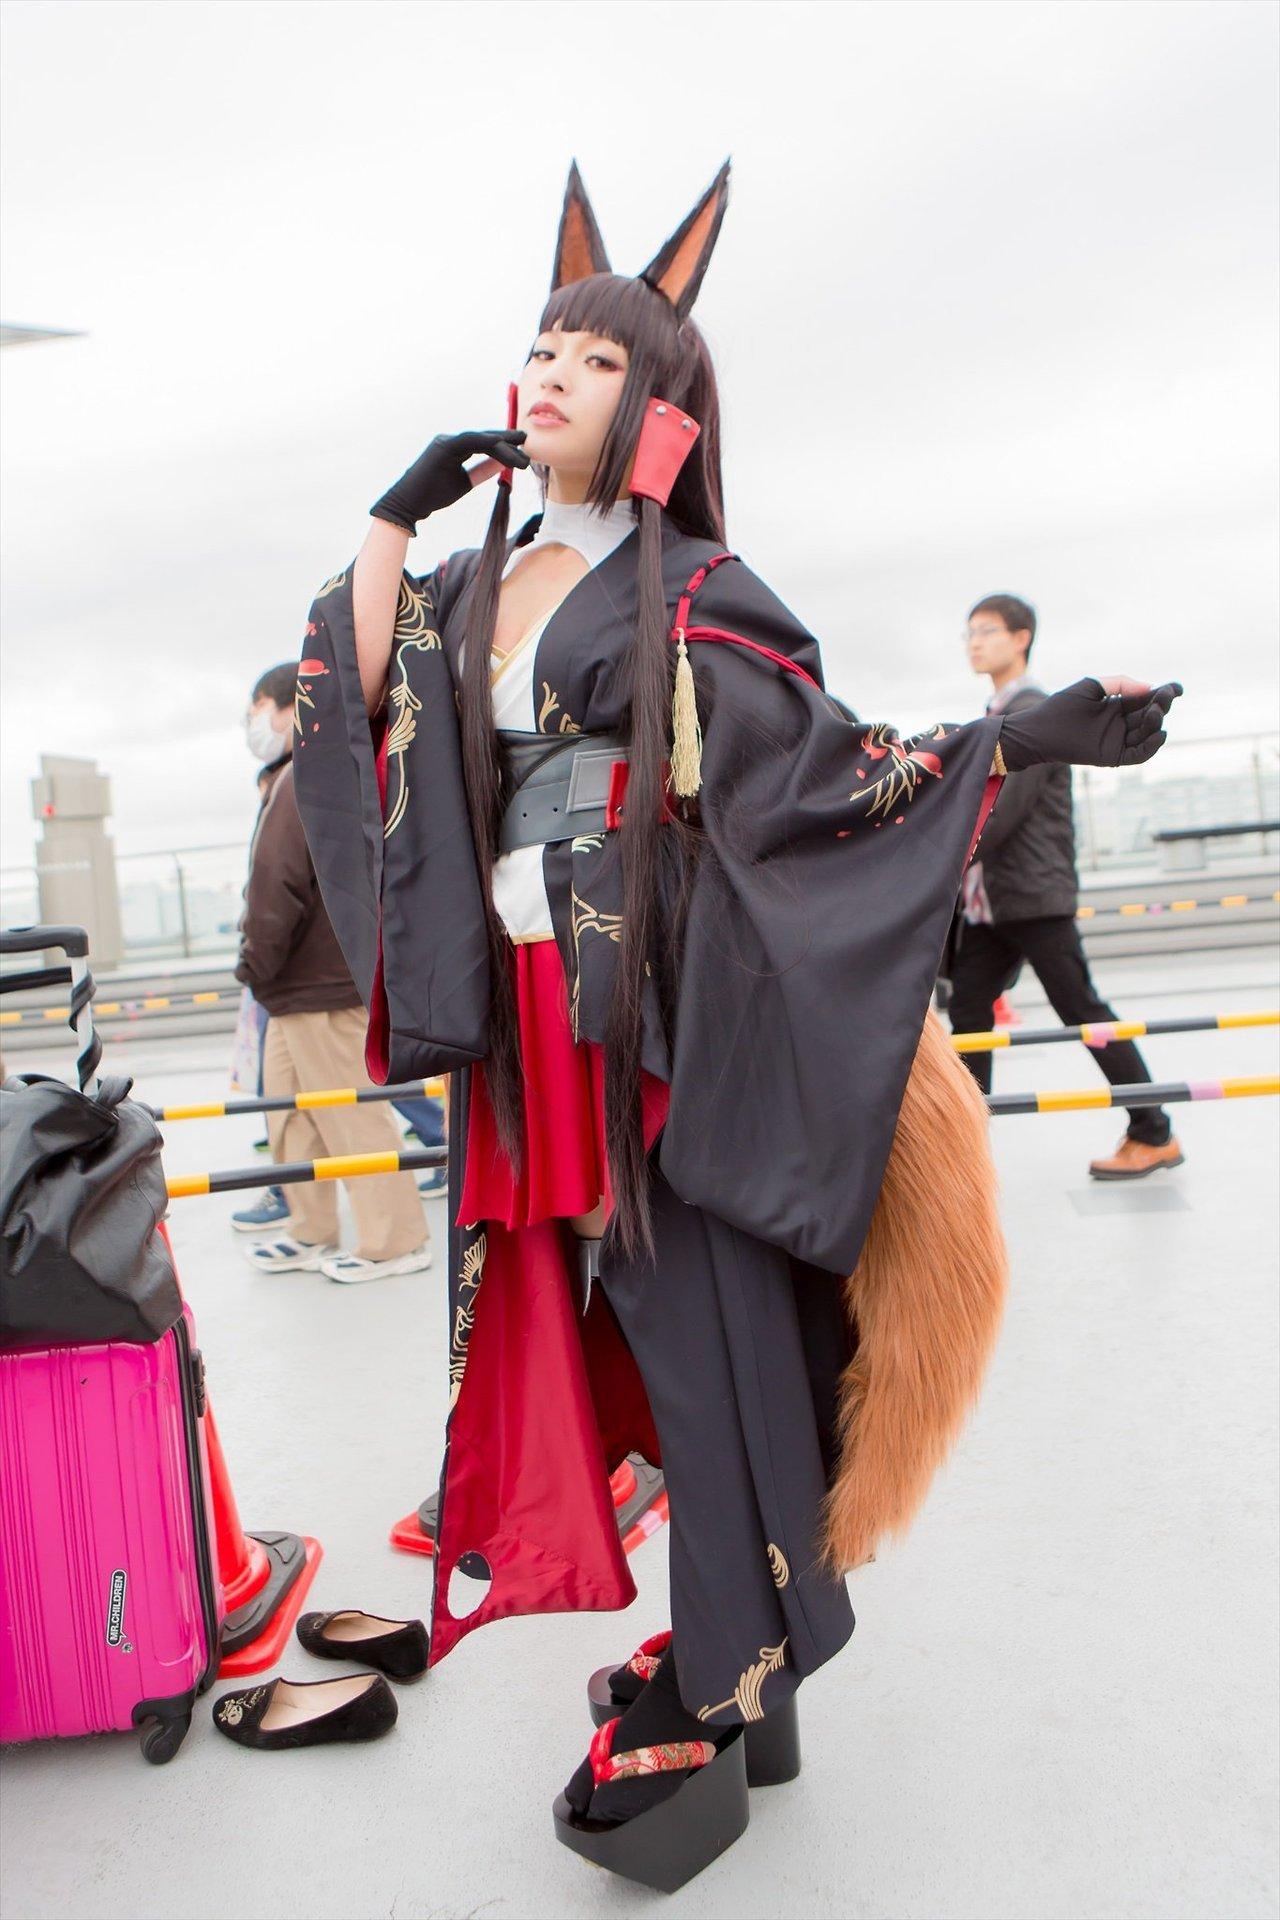 【福利向】热门cosplay福利三个漂亮的小姐姐(10P)